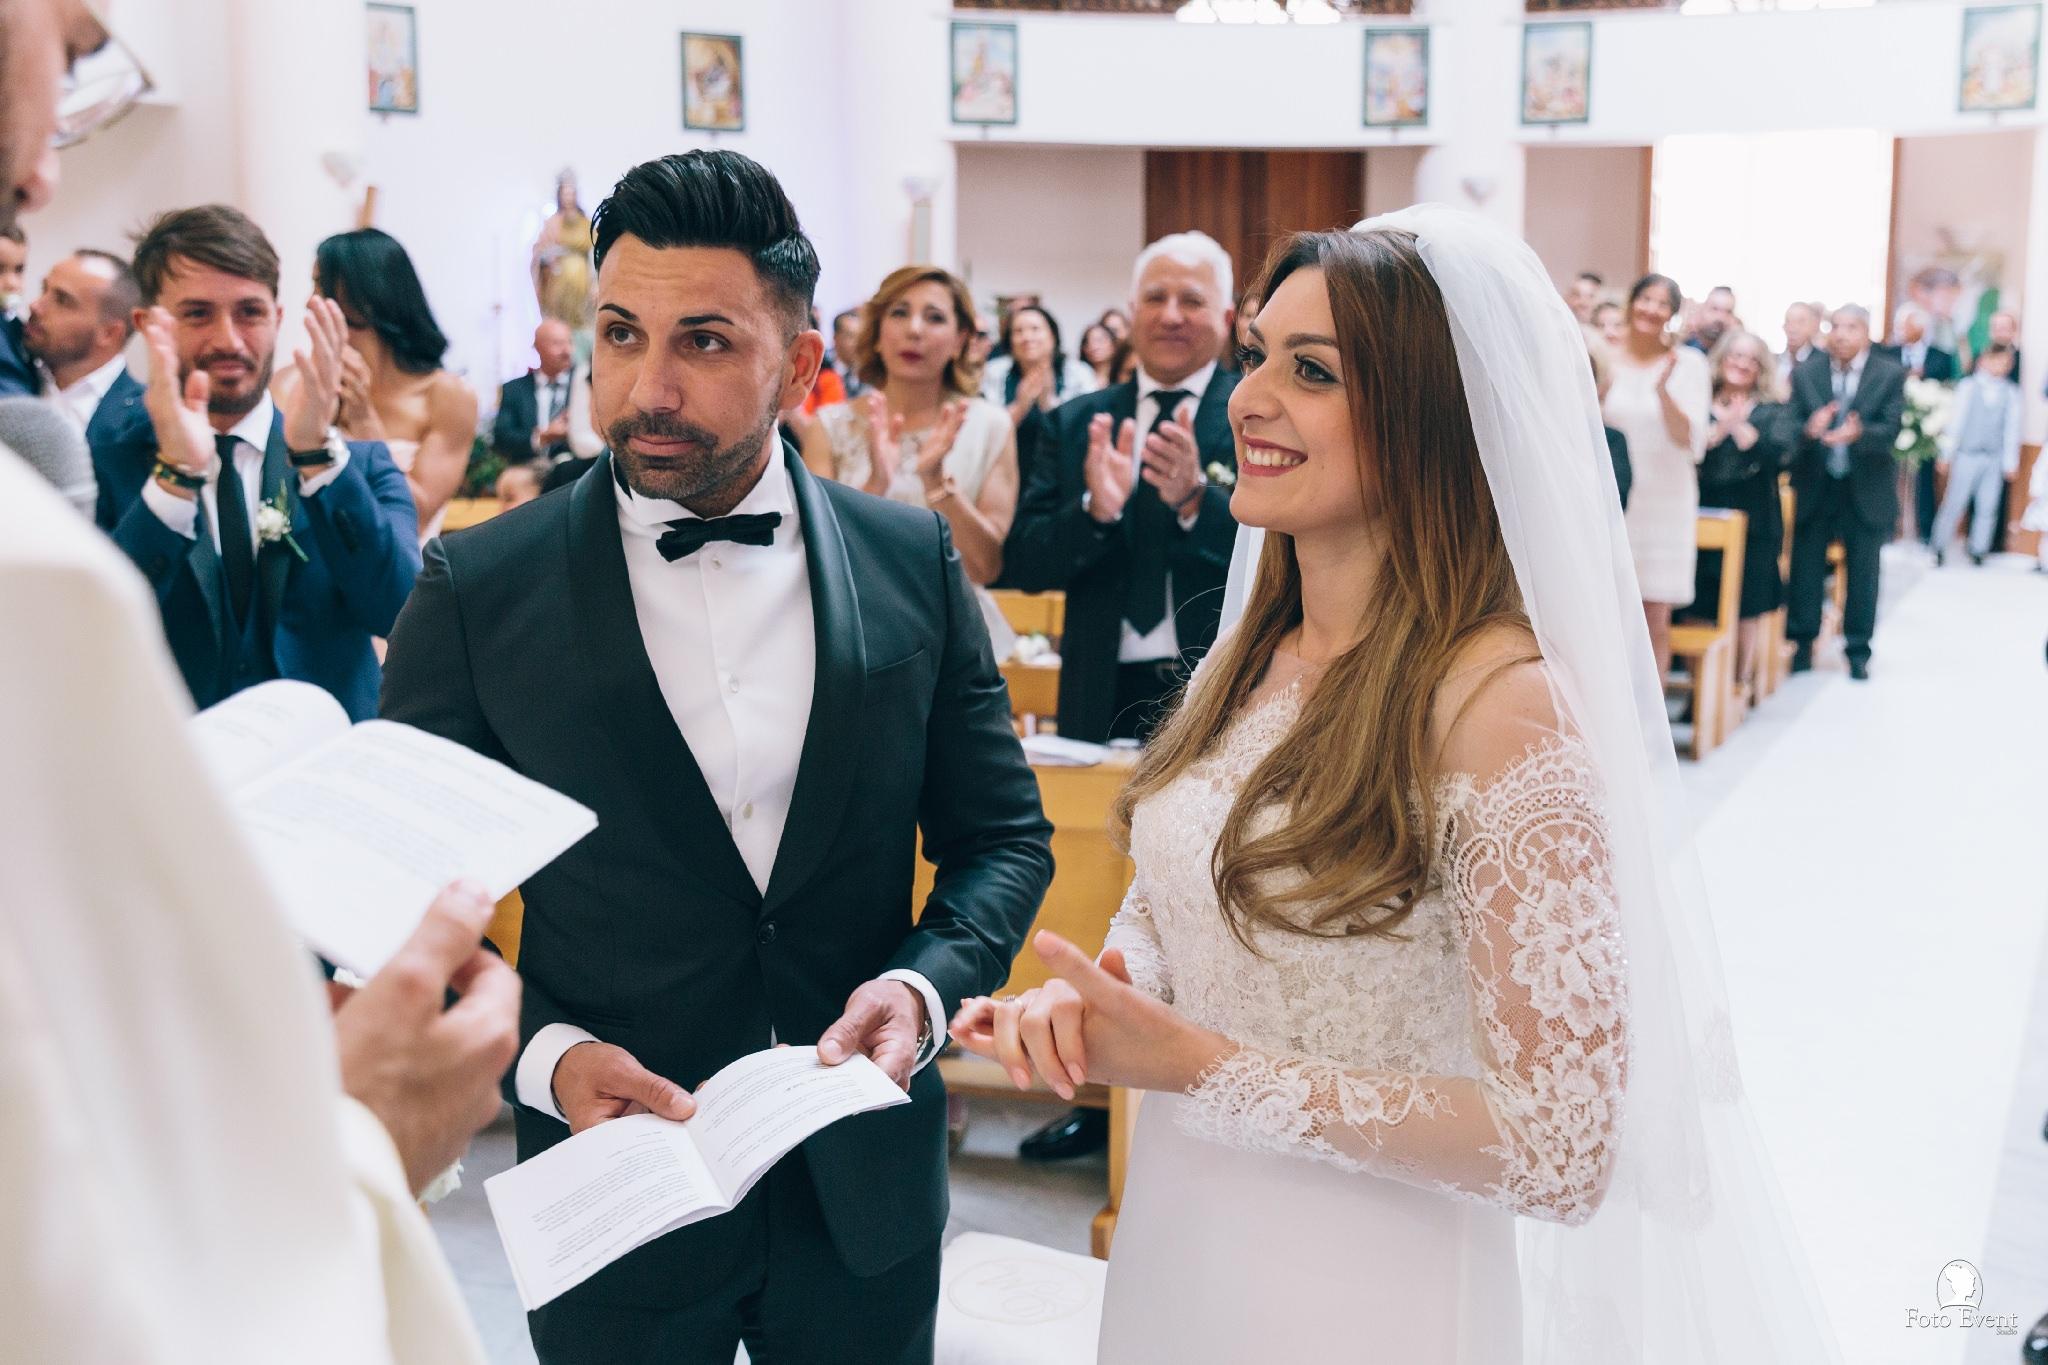 482-2019-05-09-Matrimonio-Maria-Concetta-e-Daniel-Gebbia-5DE-1022